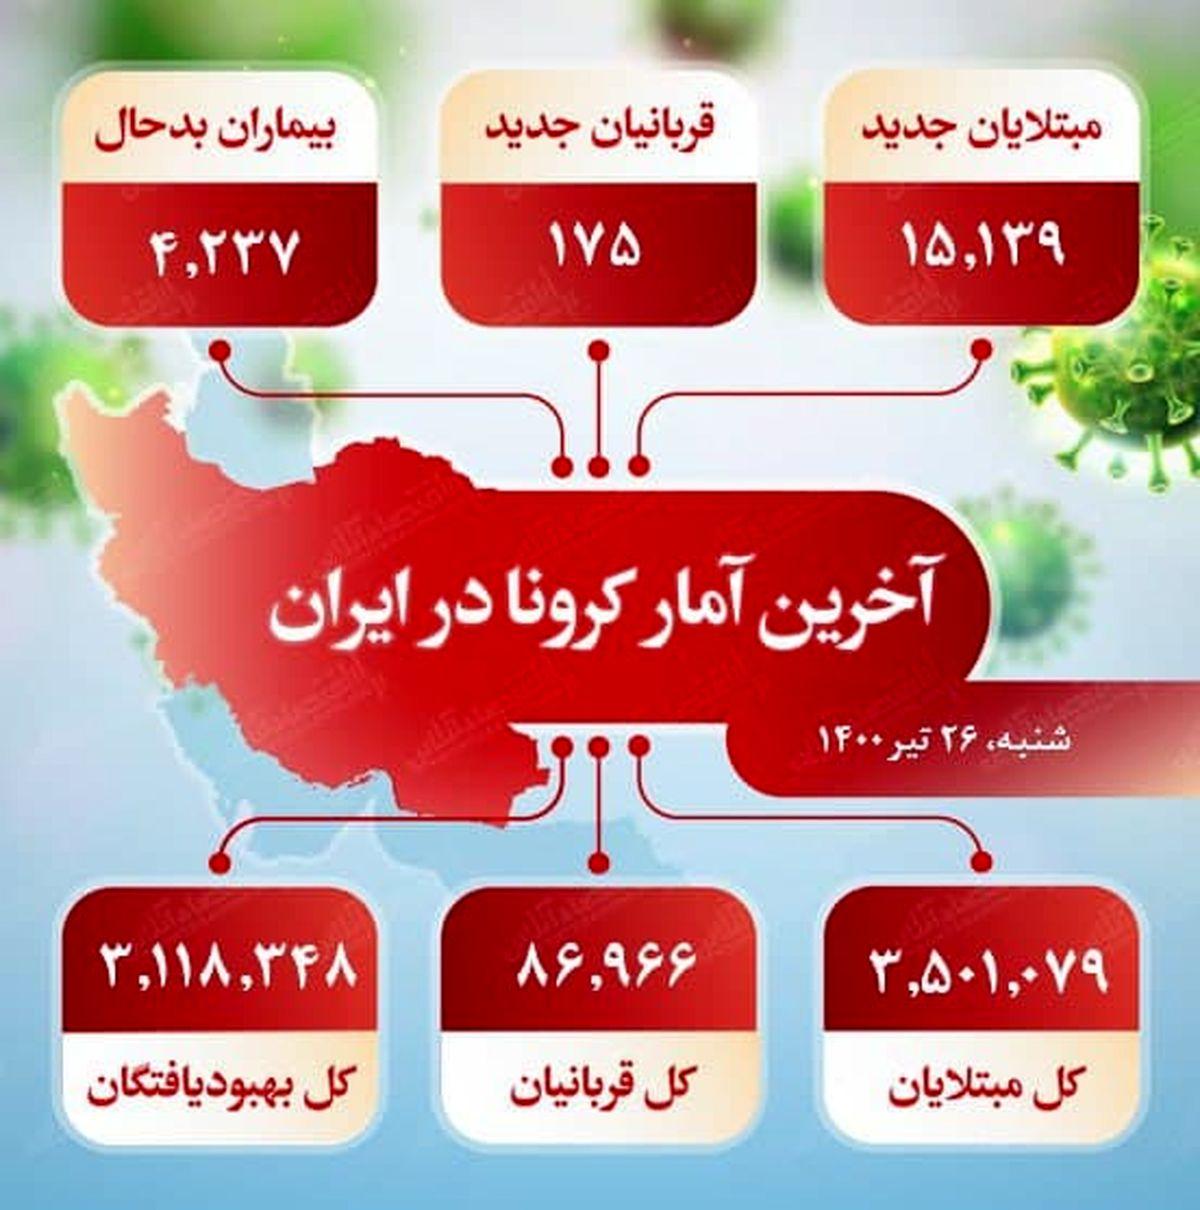 آخرین آمار کرونا در ایران (۱۴۰۰/۴/۲۶)